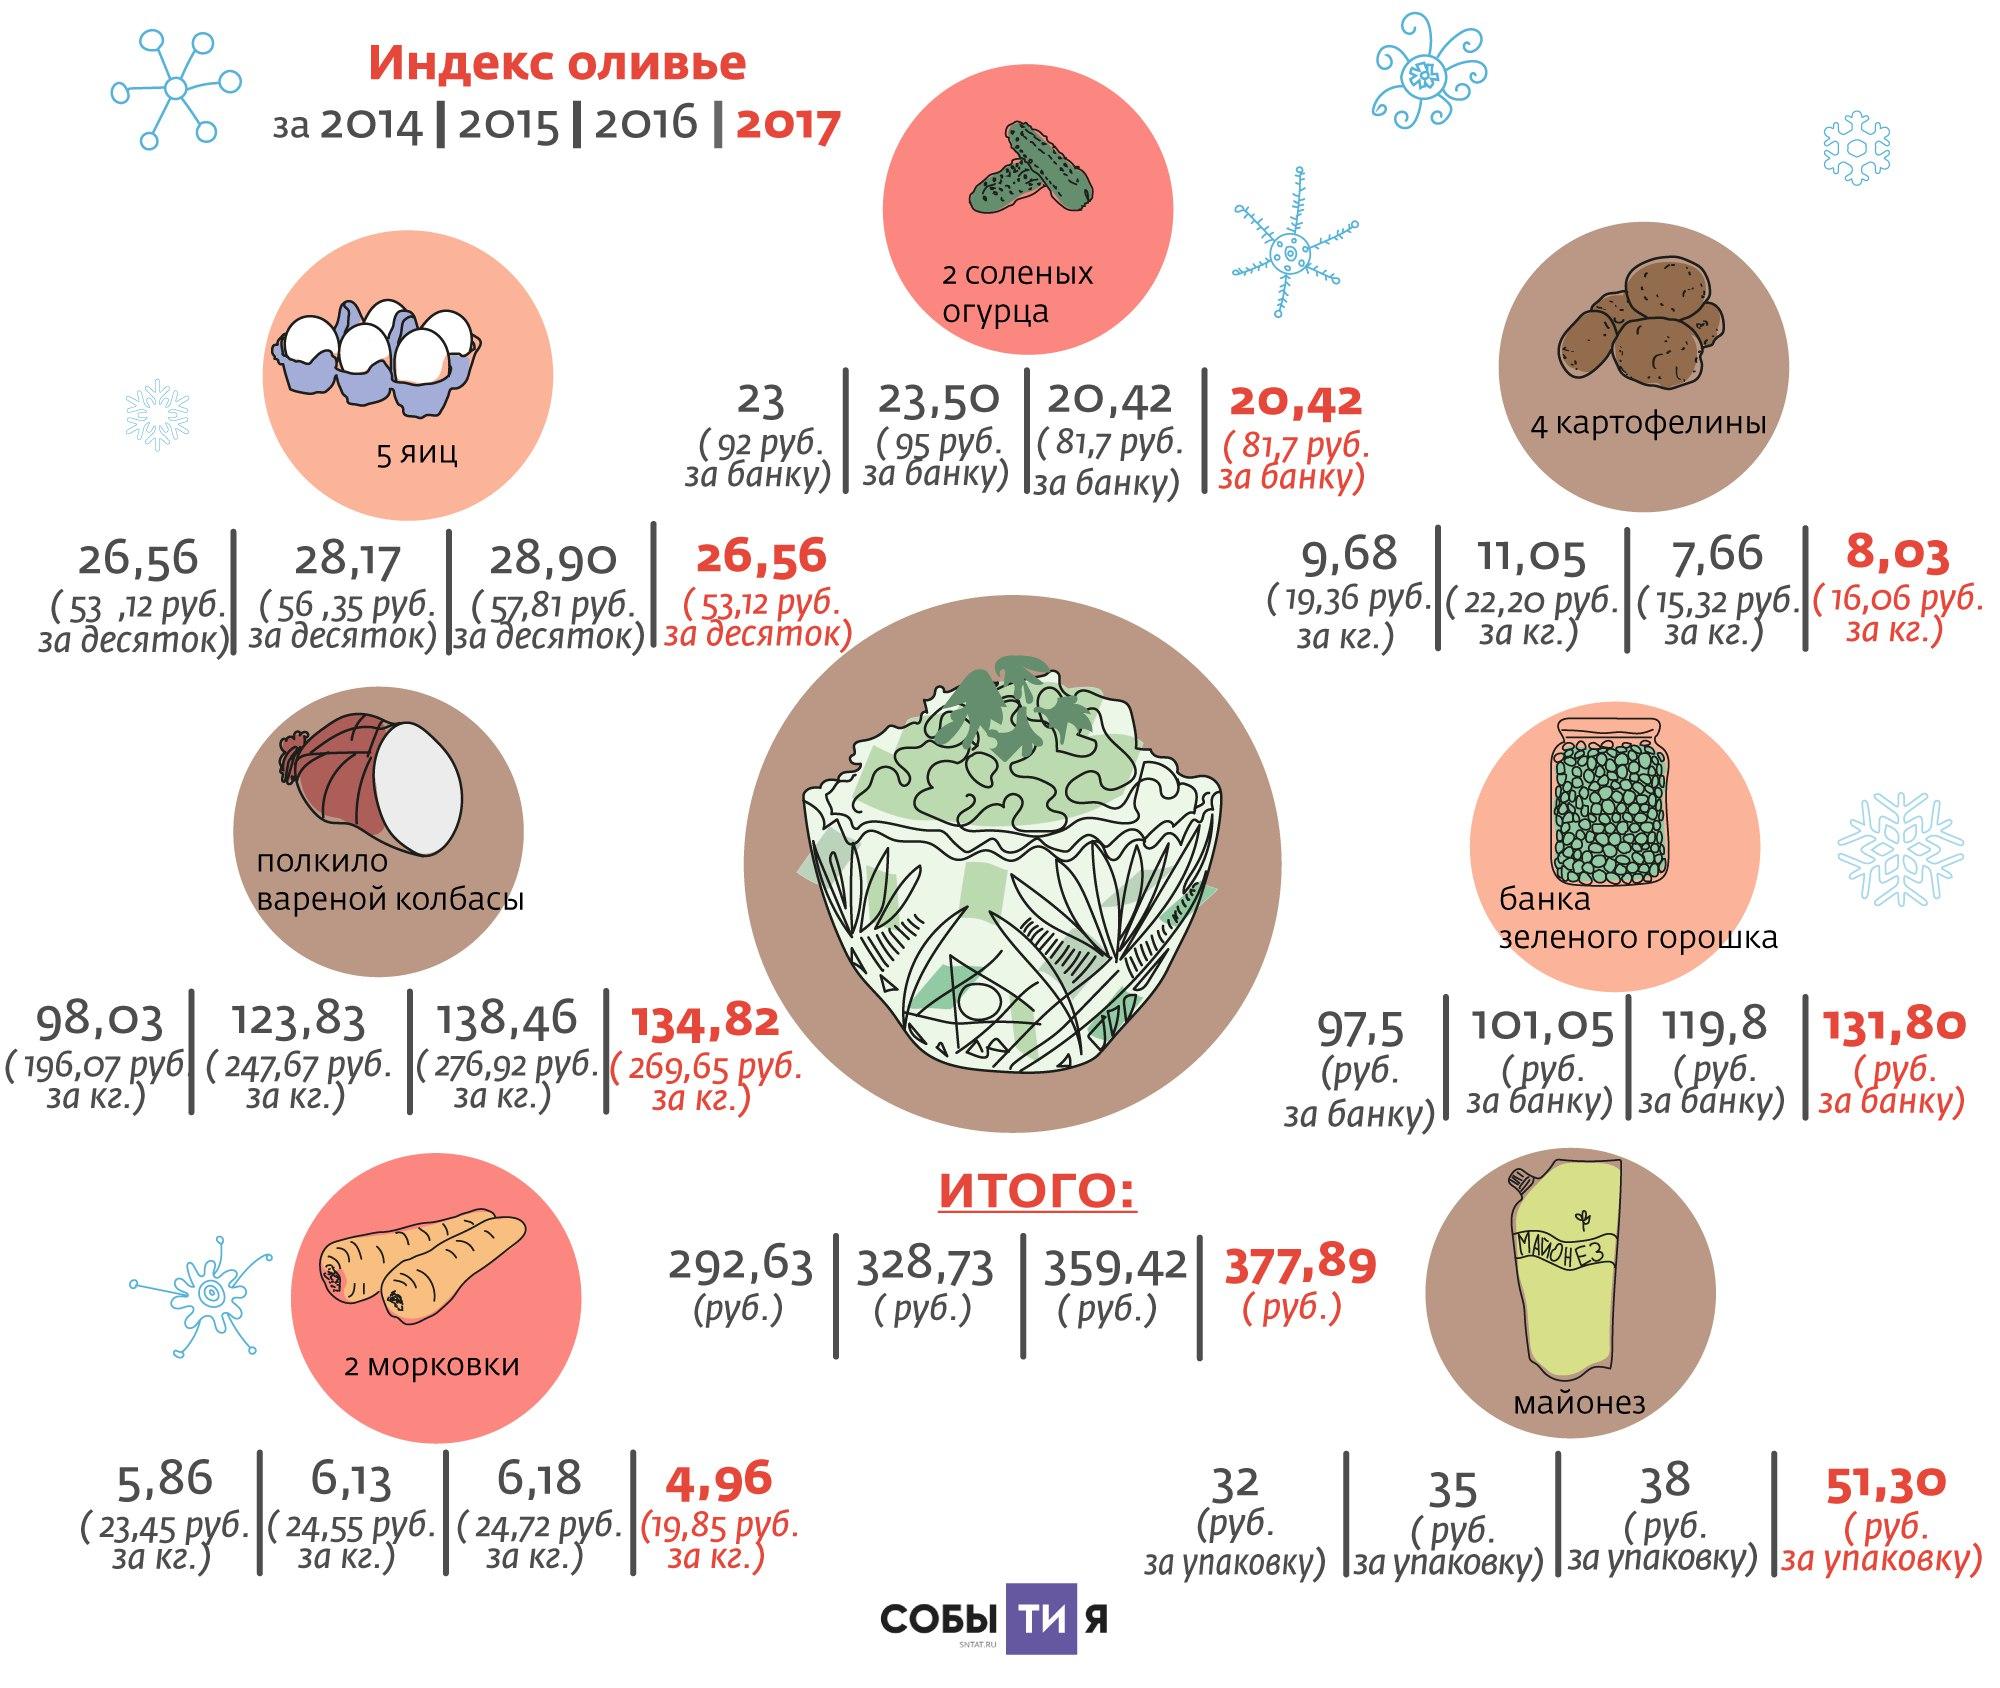 Новогодний чек отРосстата: сколько будет стоит «Оливье»